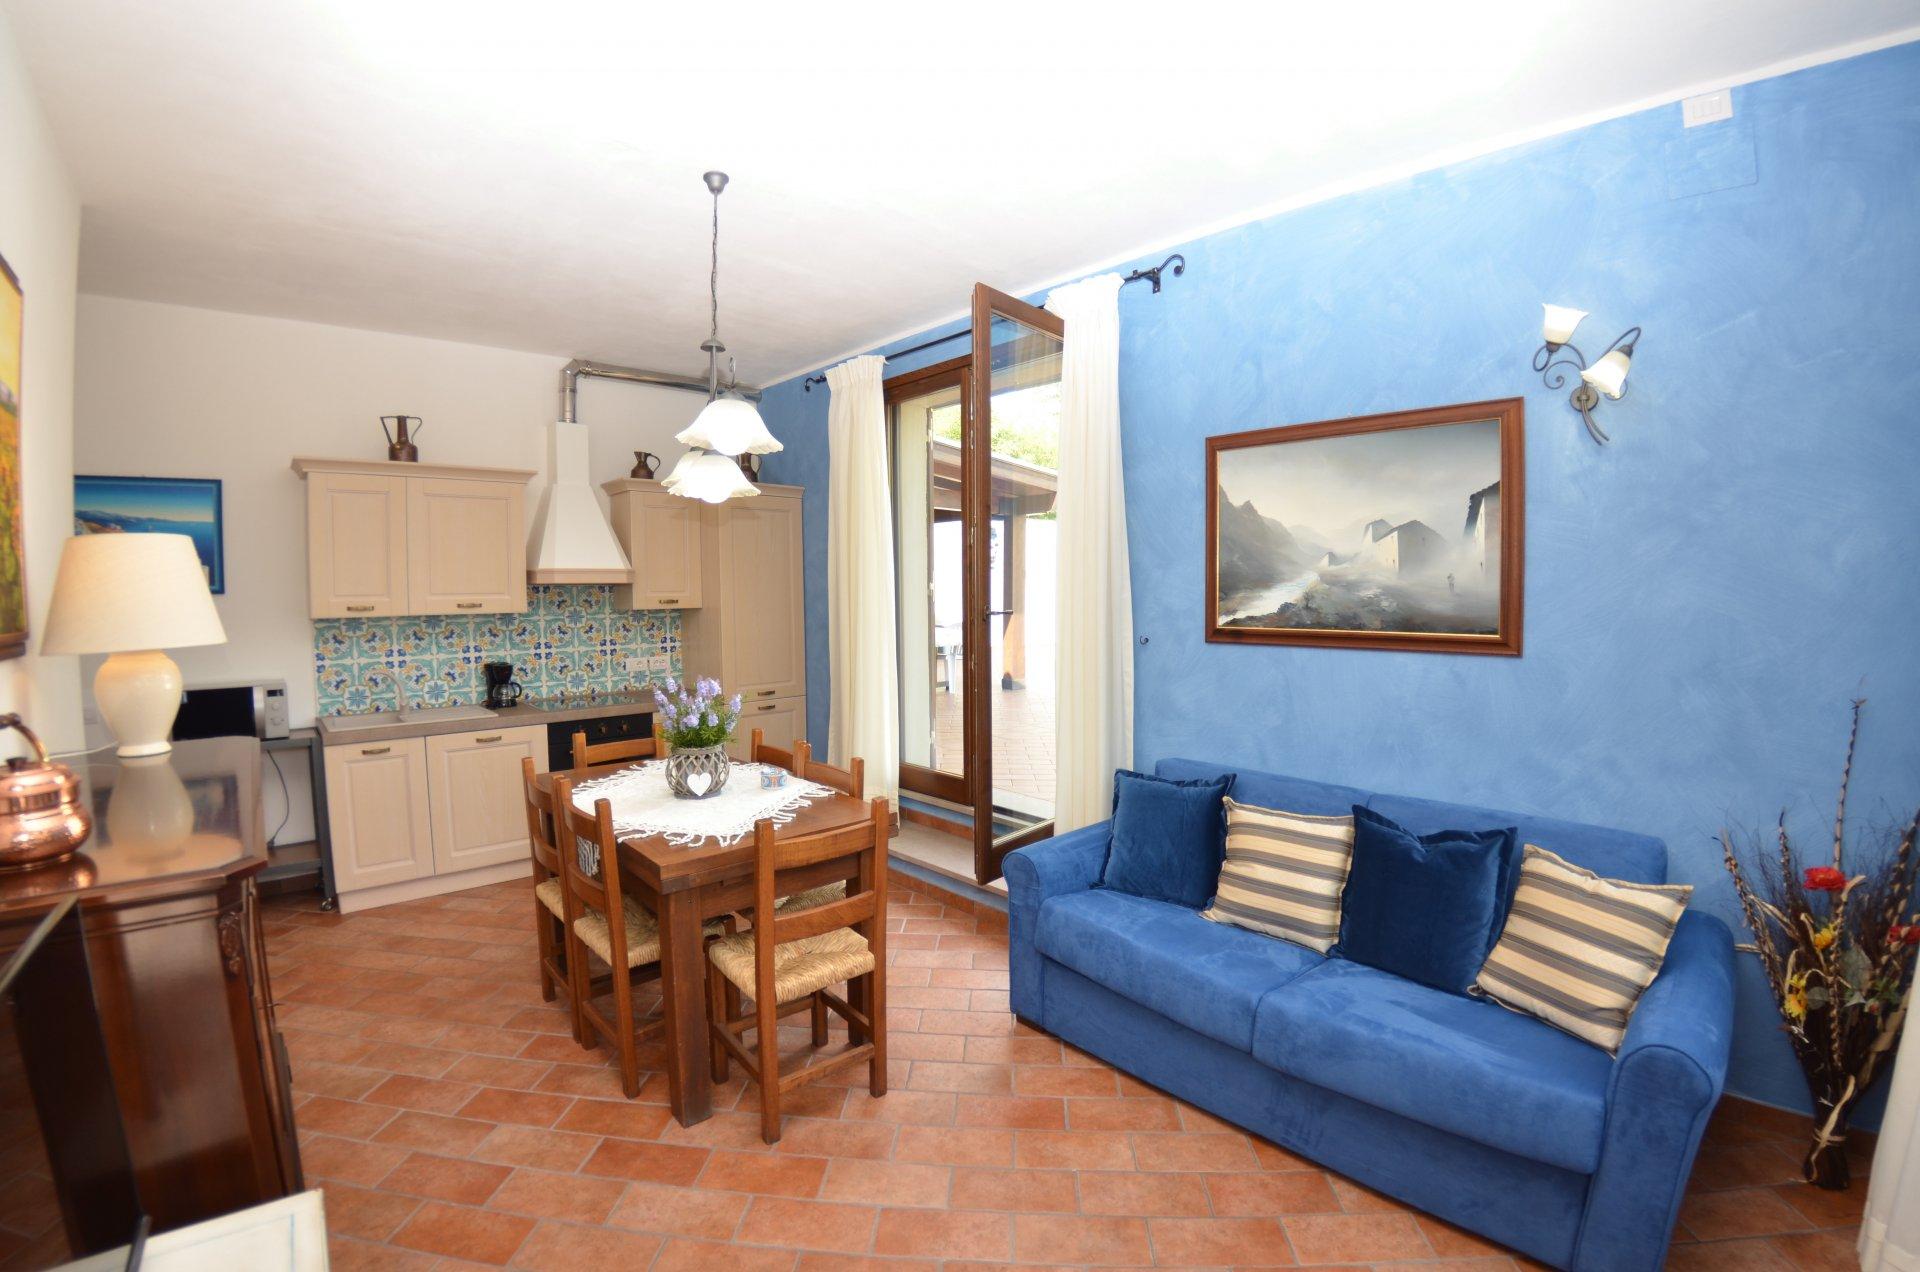 ITALIE, TOSCANE, MONTECARLO, MAISON DE CAMPAGNE AVEC PISCINE, 8 PERSONNES